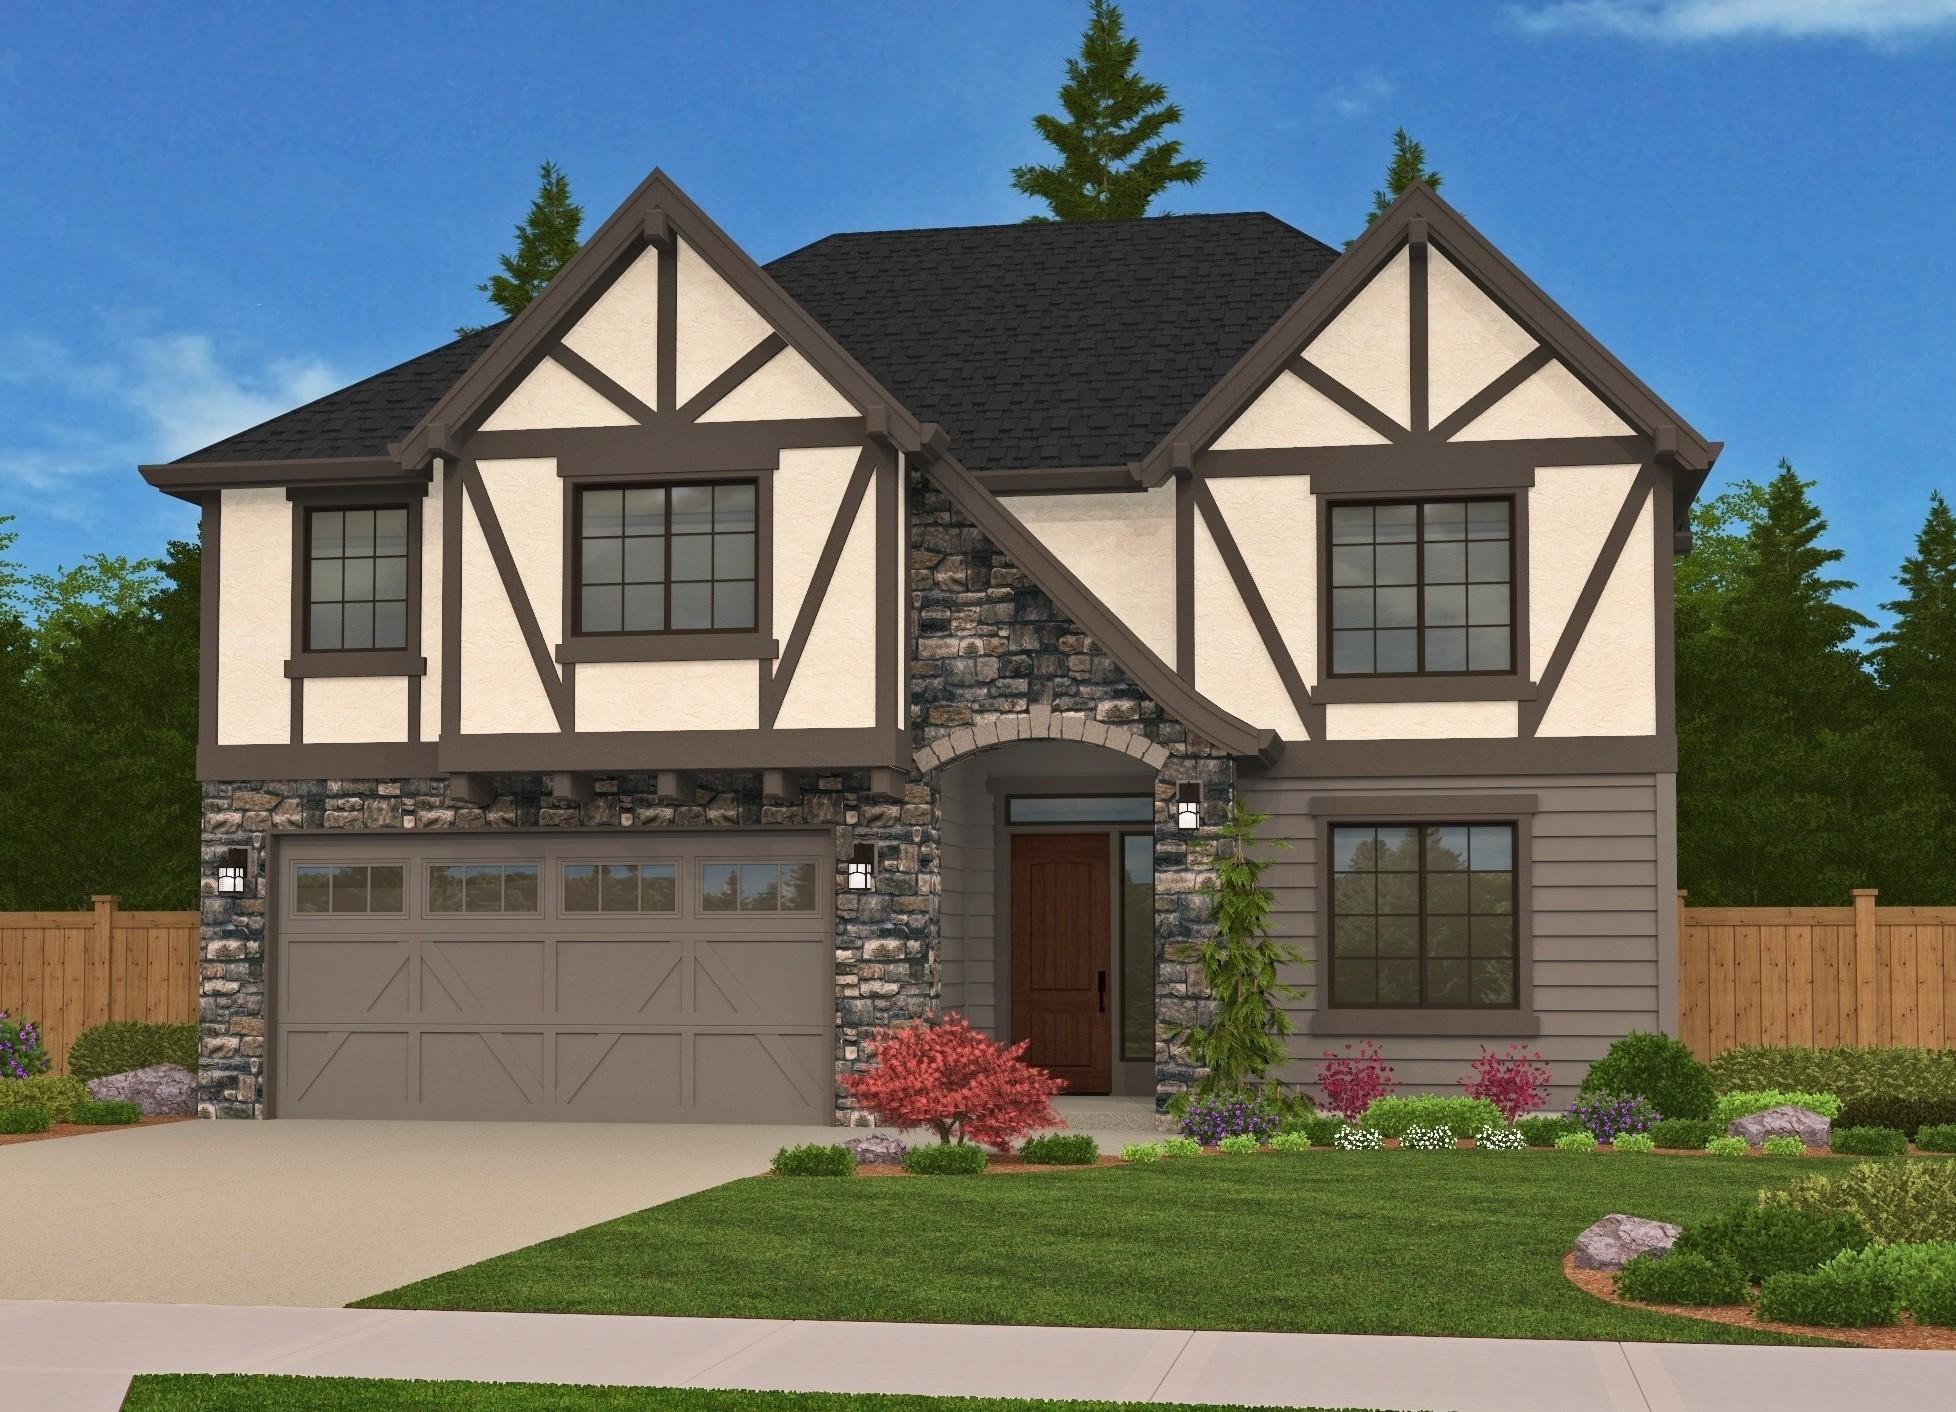 M 2606 GFH. This House Plan ... Home Design Ideas